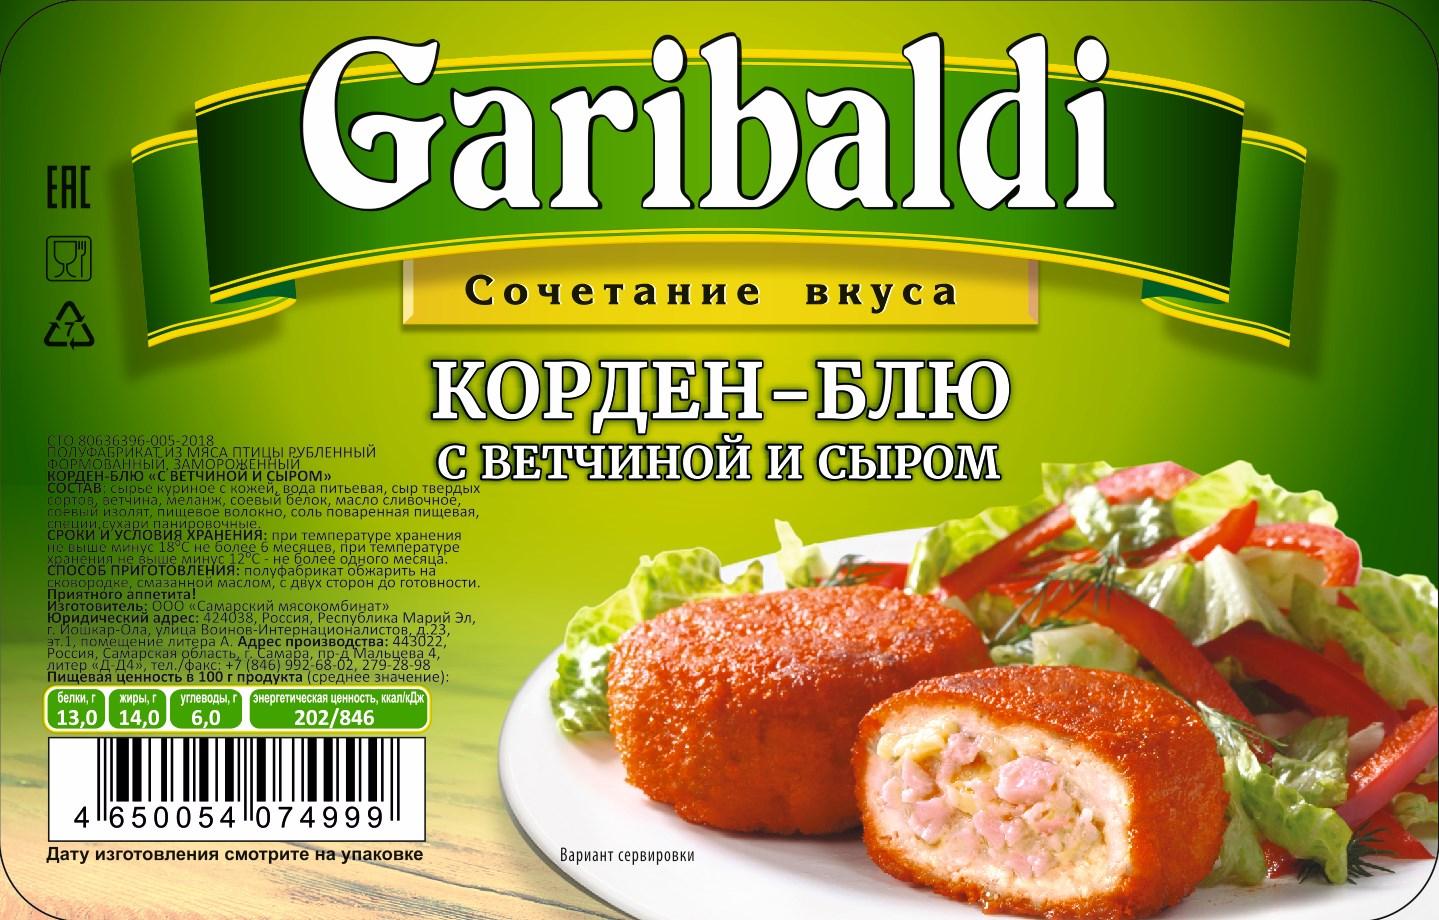 Корден-блю с ветчиной и сыром